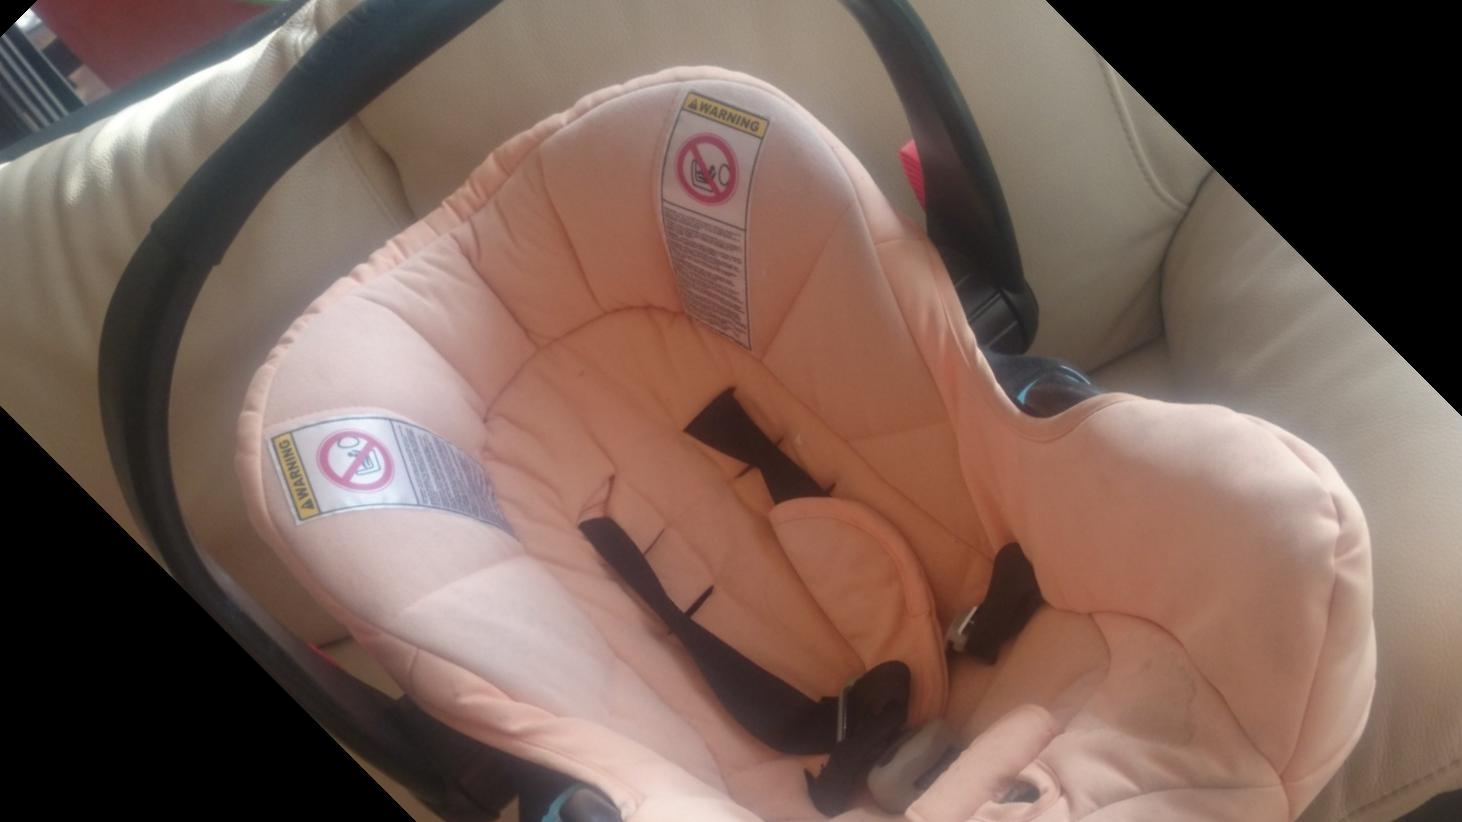 Teutonia Car Seat